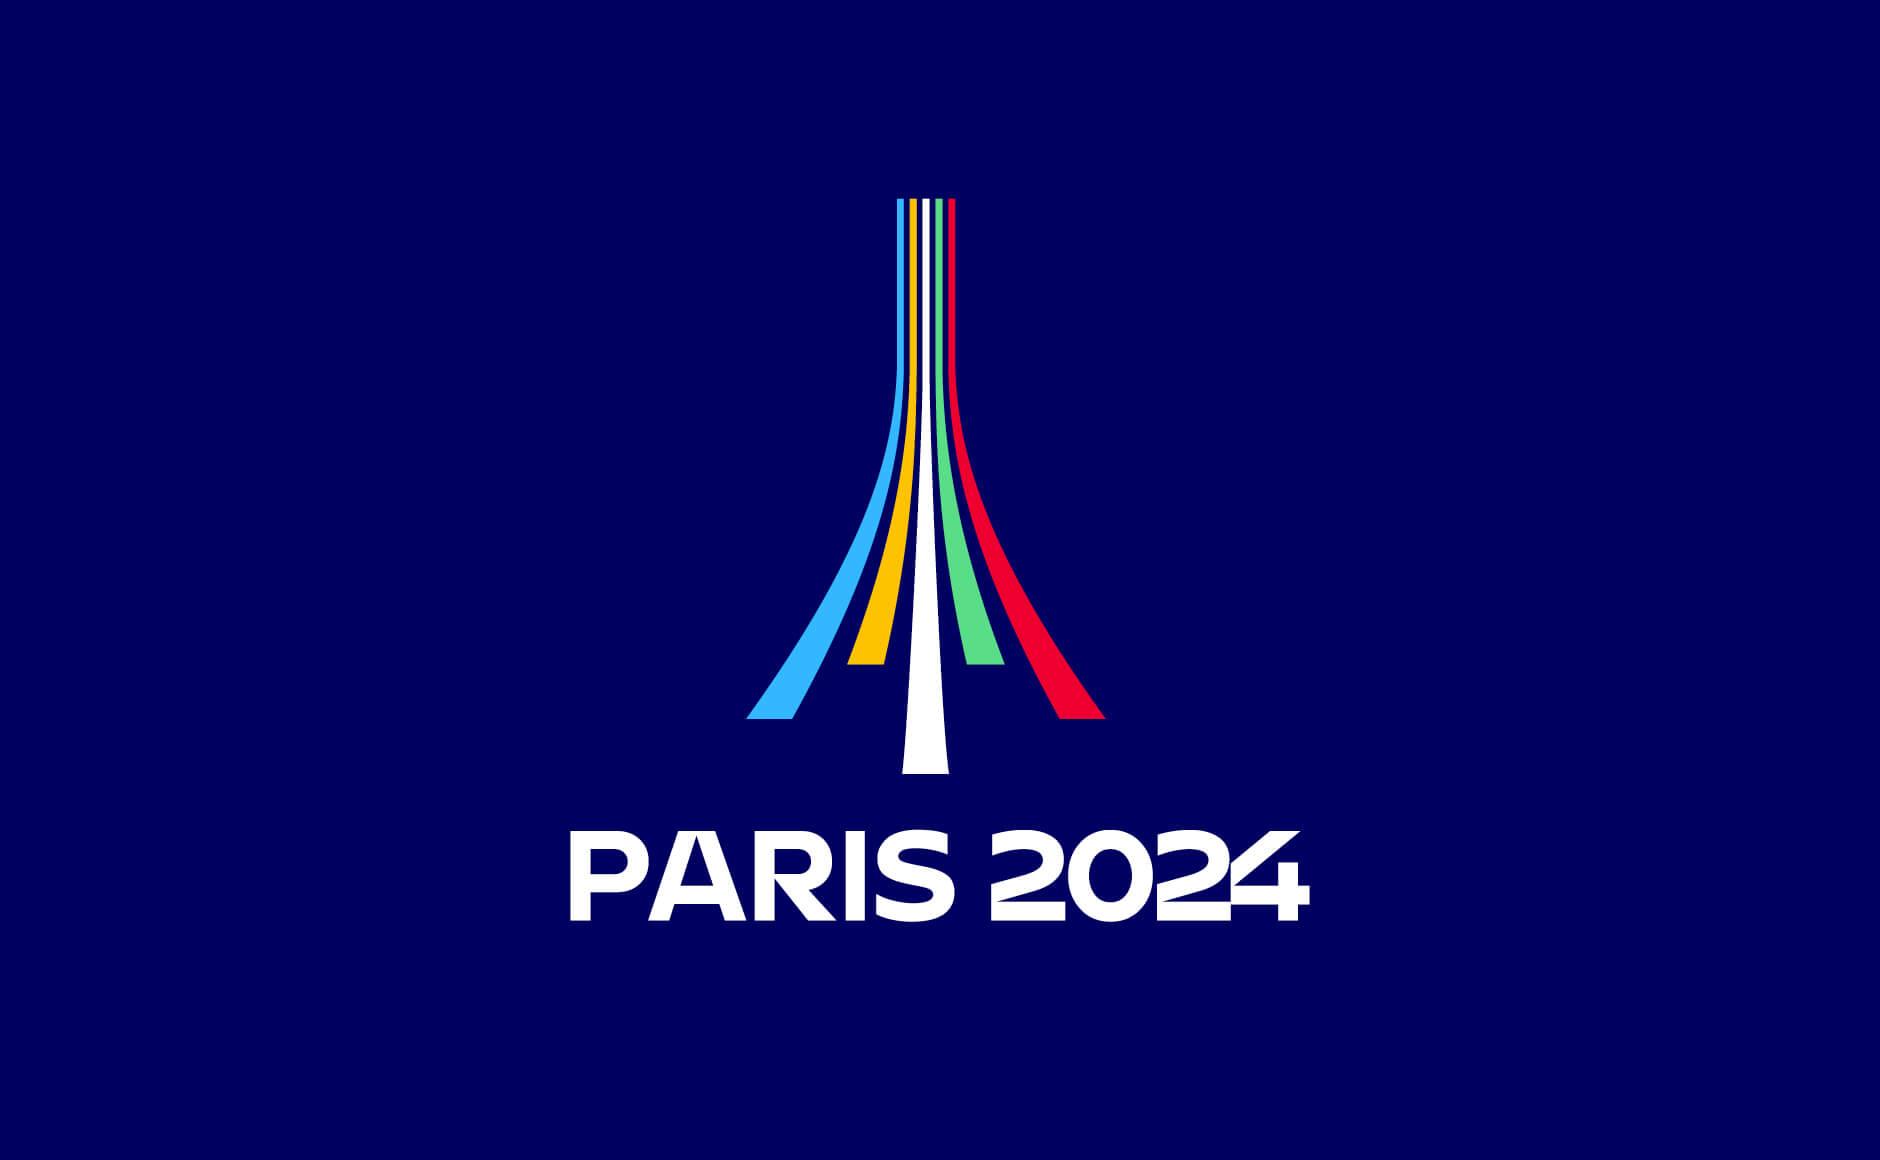 Graphéine Paris 2024